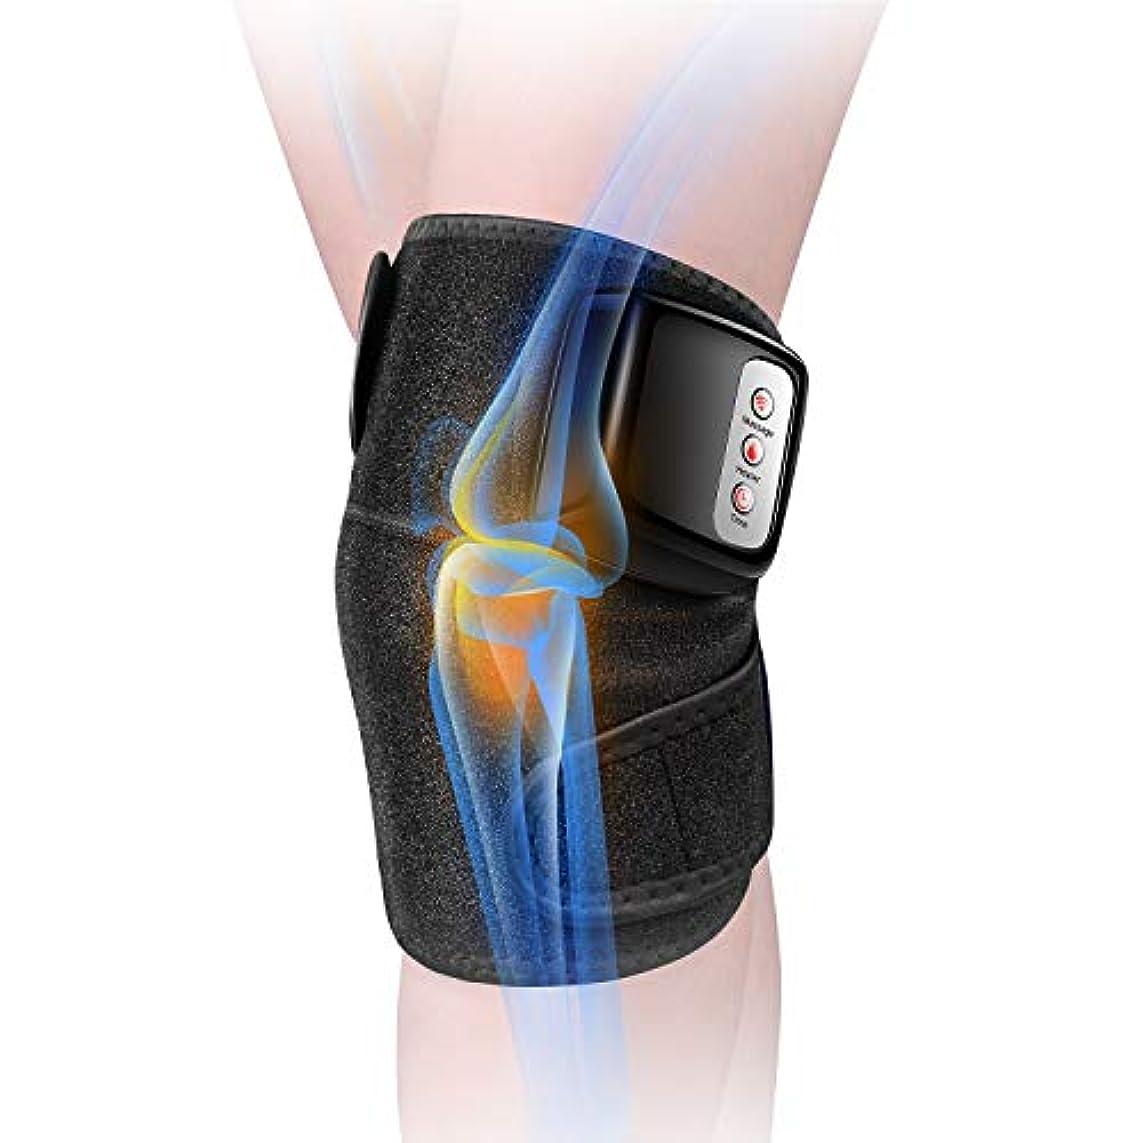 地雷原偶然の故意に膝マッサージャー 関節マッサージャー マッサージ器 フットマッサージャー 振動 赤外線療法 温熱療法 膝サポーター ストレス解消 肩 太もも/腕対応